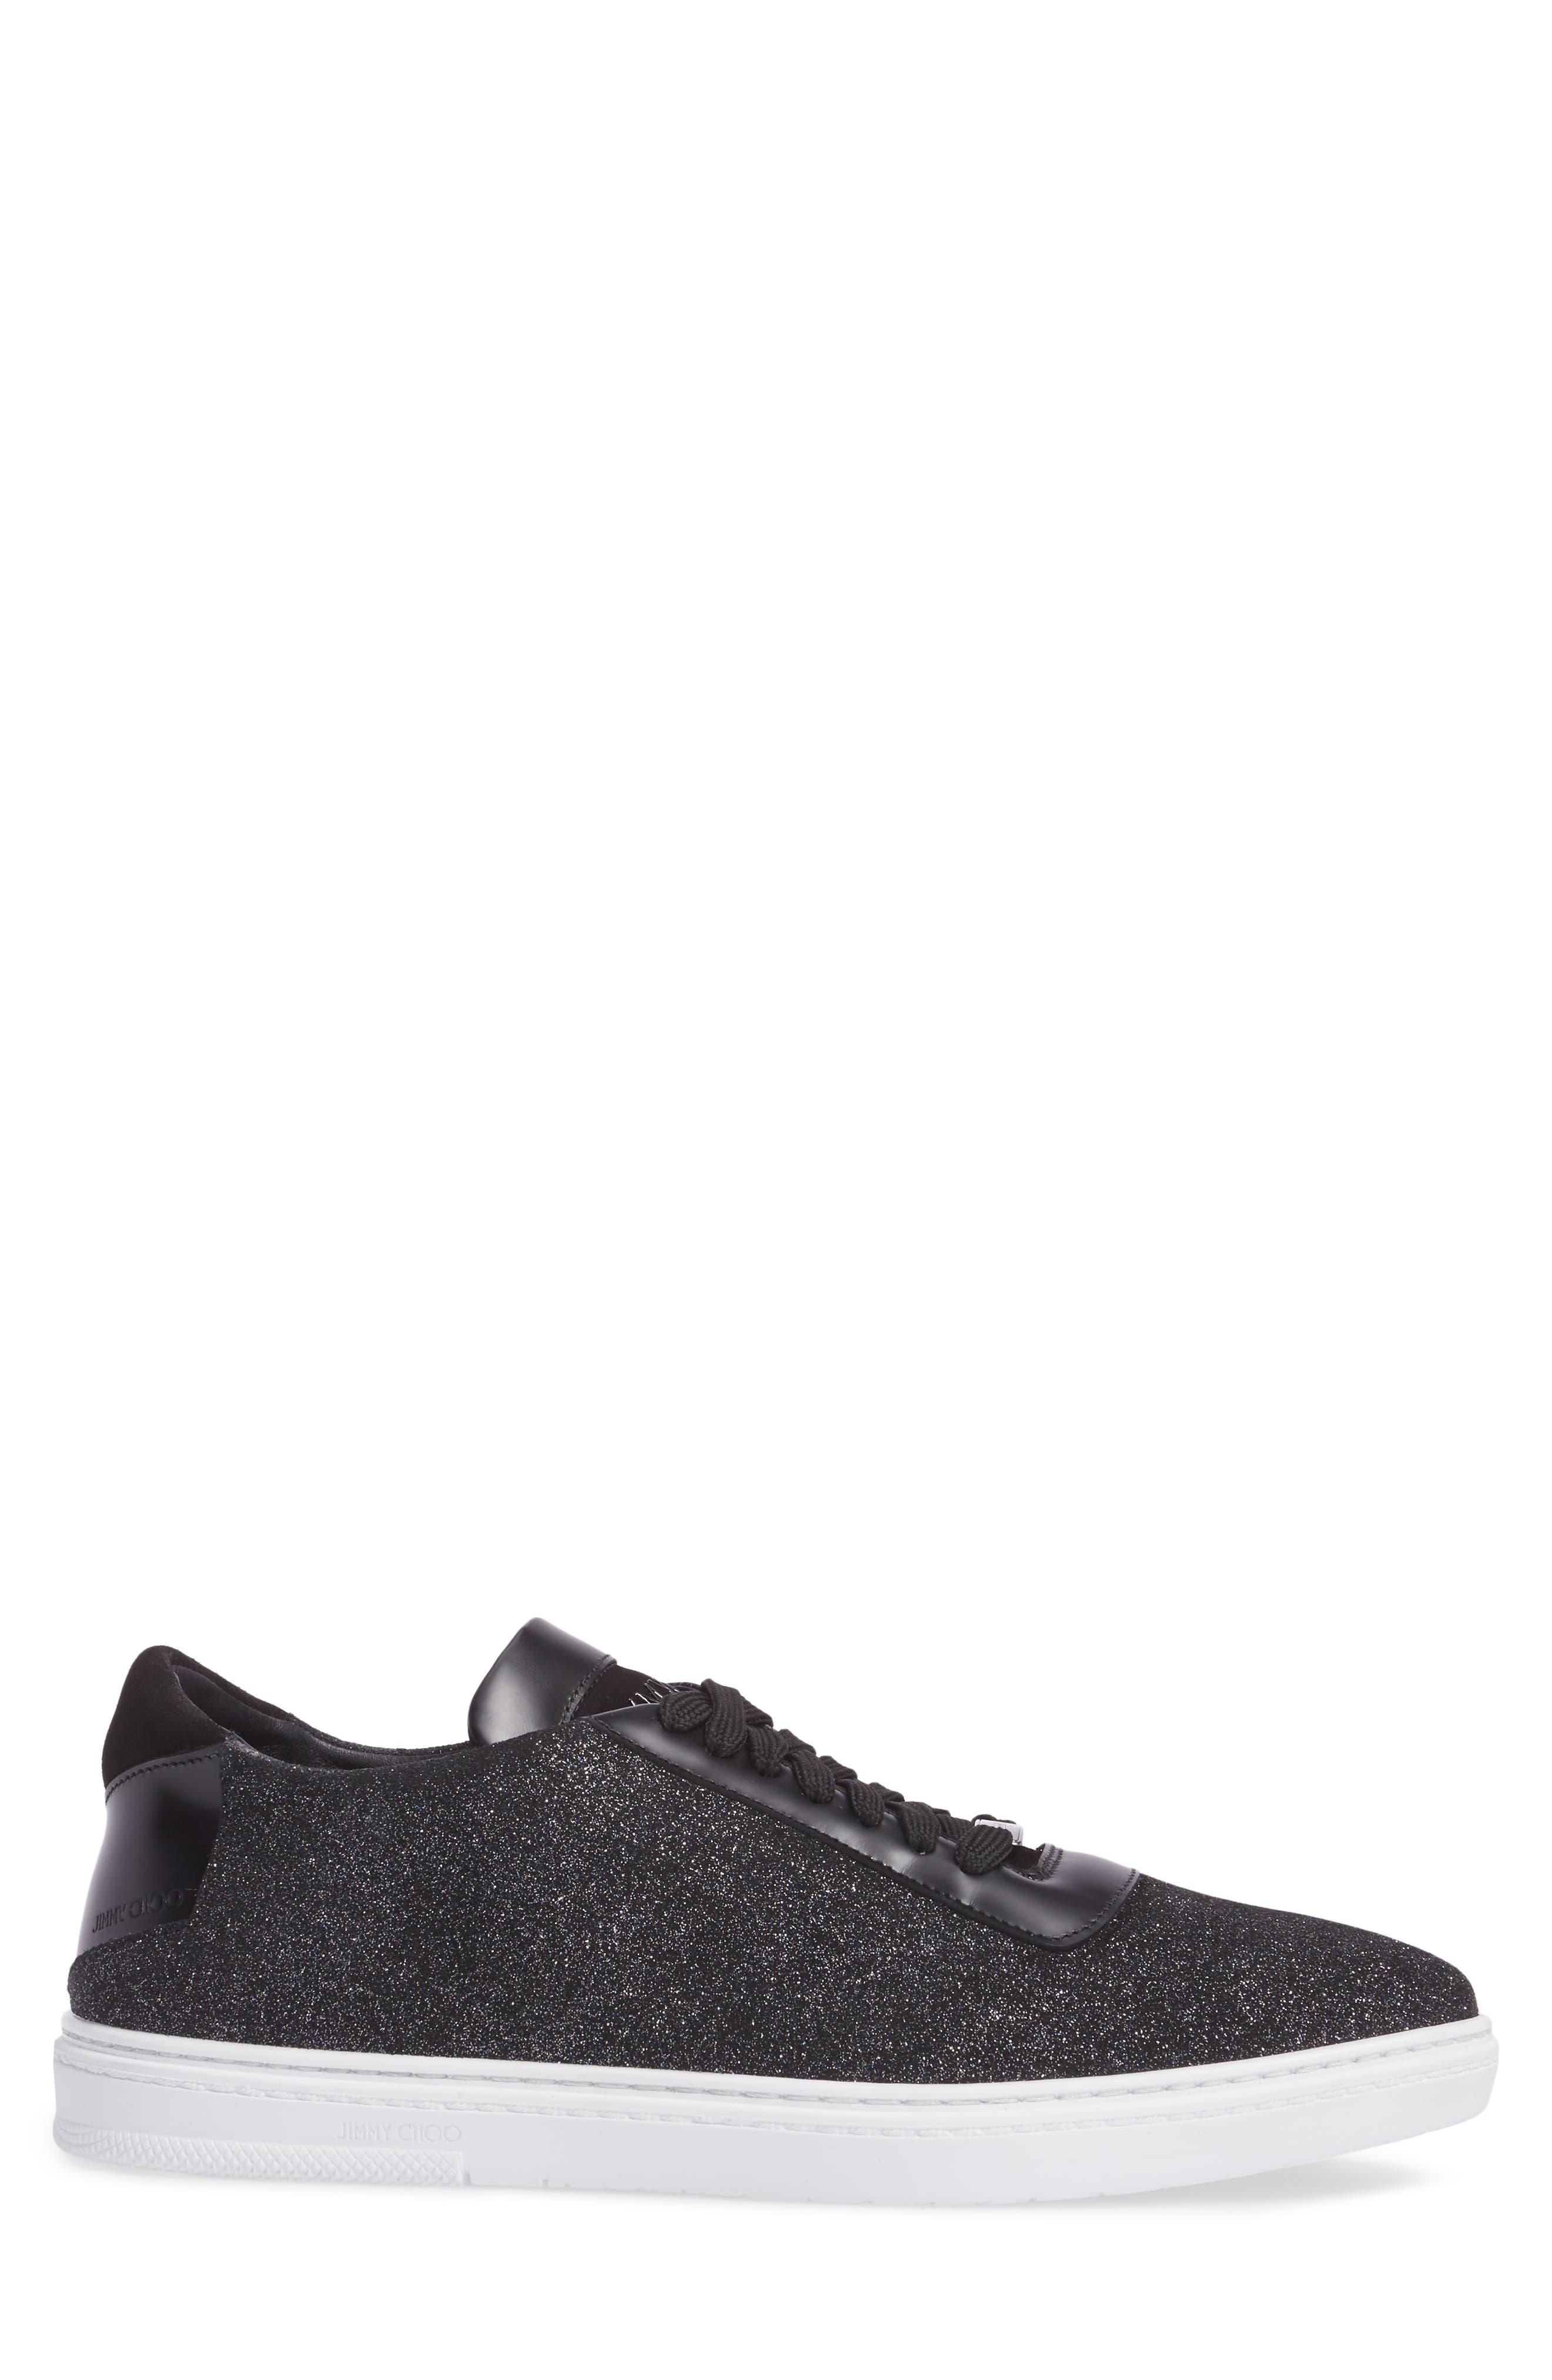 Benn Glitter Low Top Sneaker,                             Alternate thumbnail 3, color,